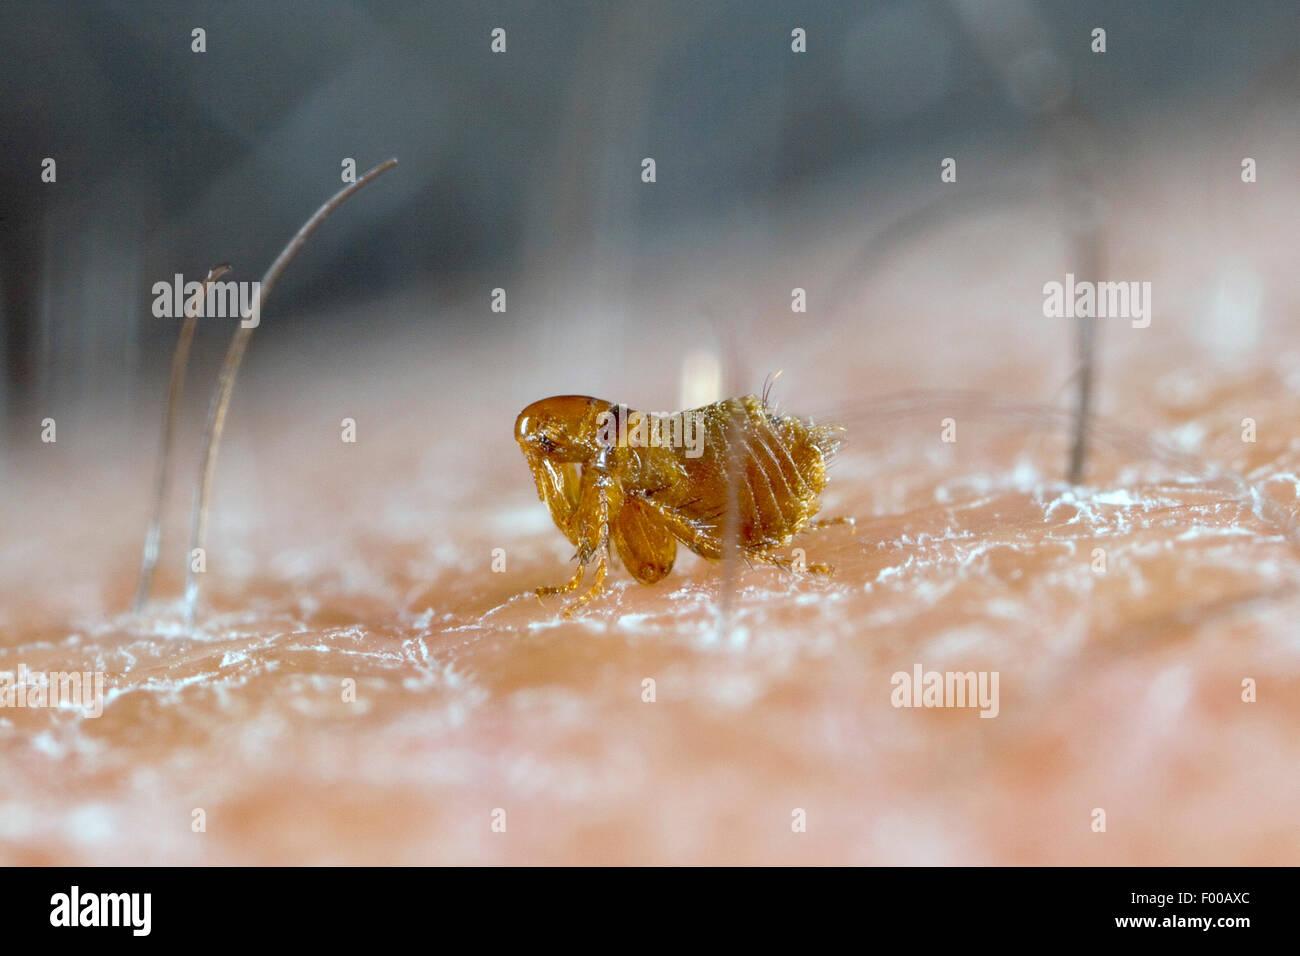 Bird flea (Ceratophyllus spec), sulla pelle umana Immagini Stock